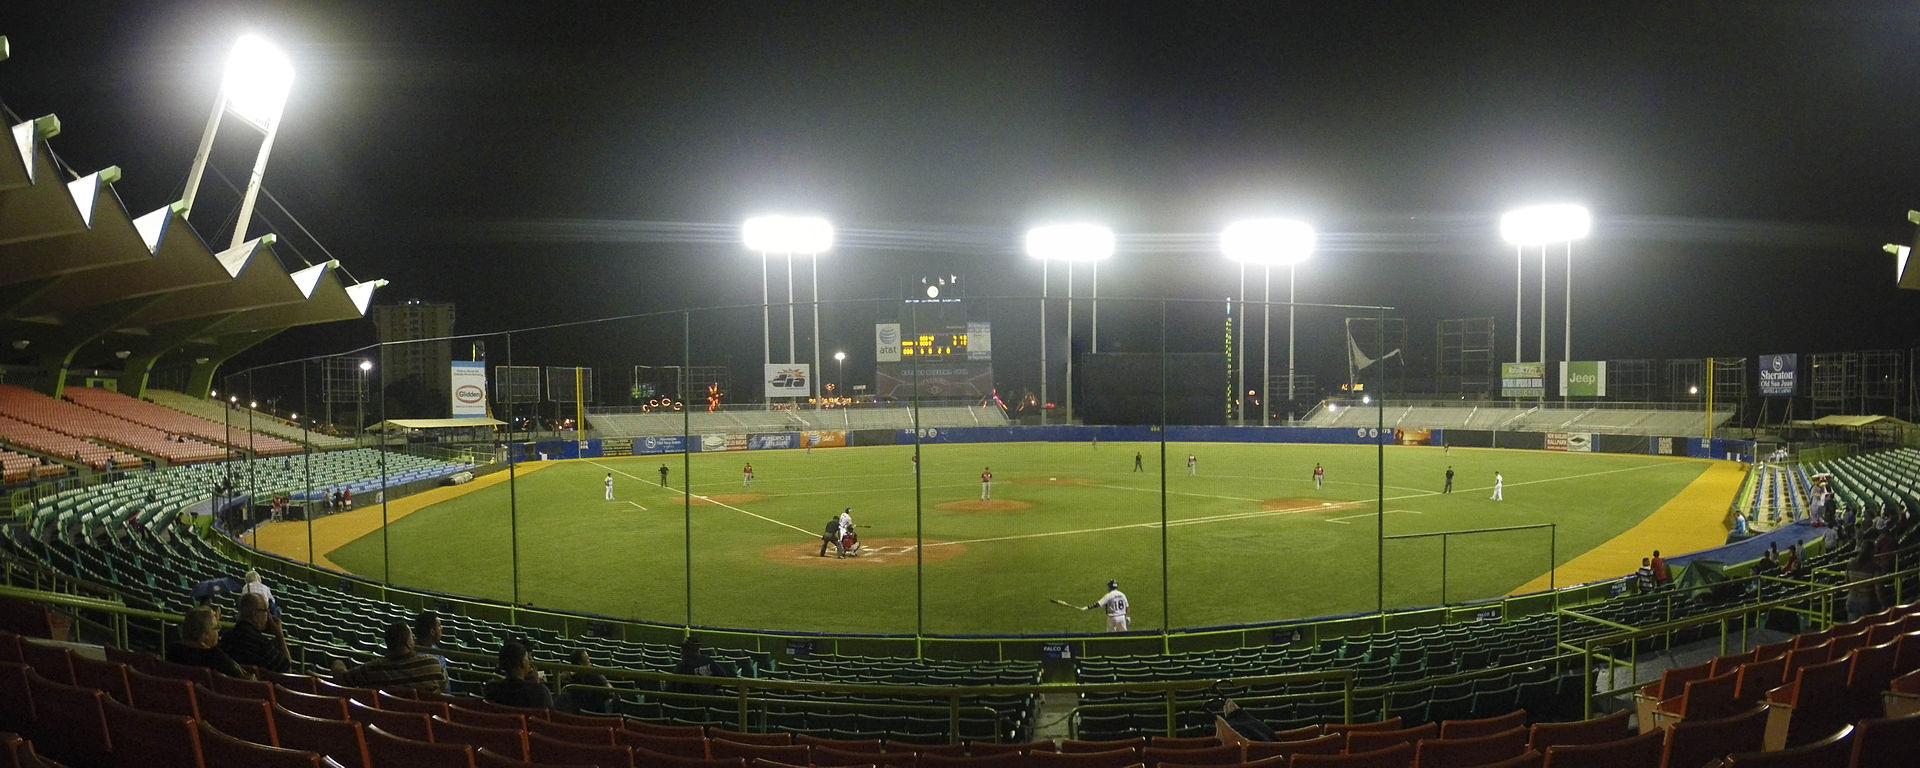 El Estadio Hiram Bithorn será sede por segunda vez de una Serie del Caribe.